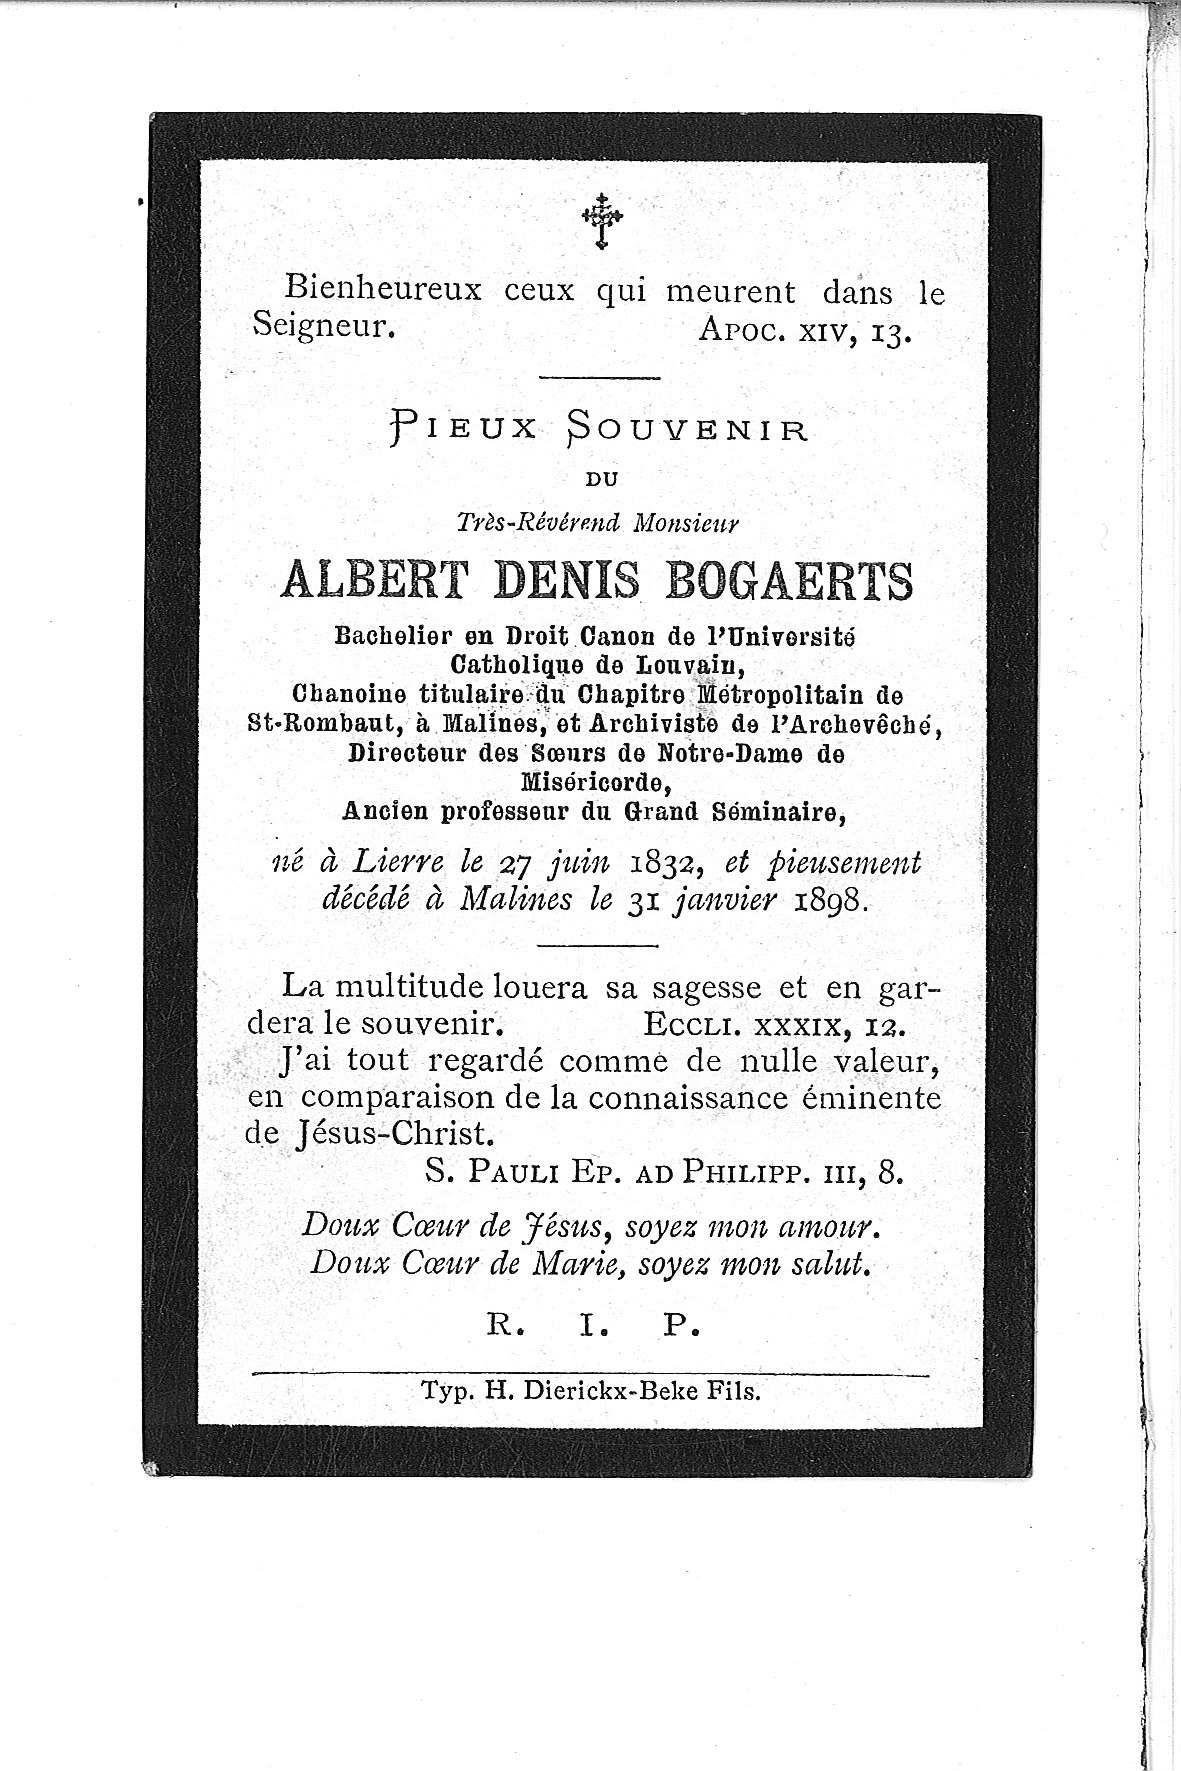 Albert-Denis(1898)20110317163116_00002.jpg